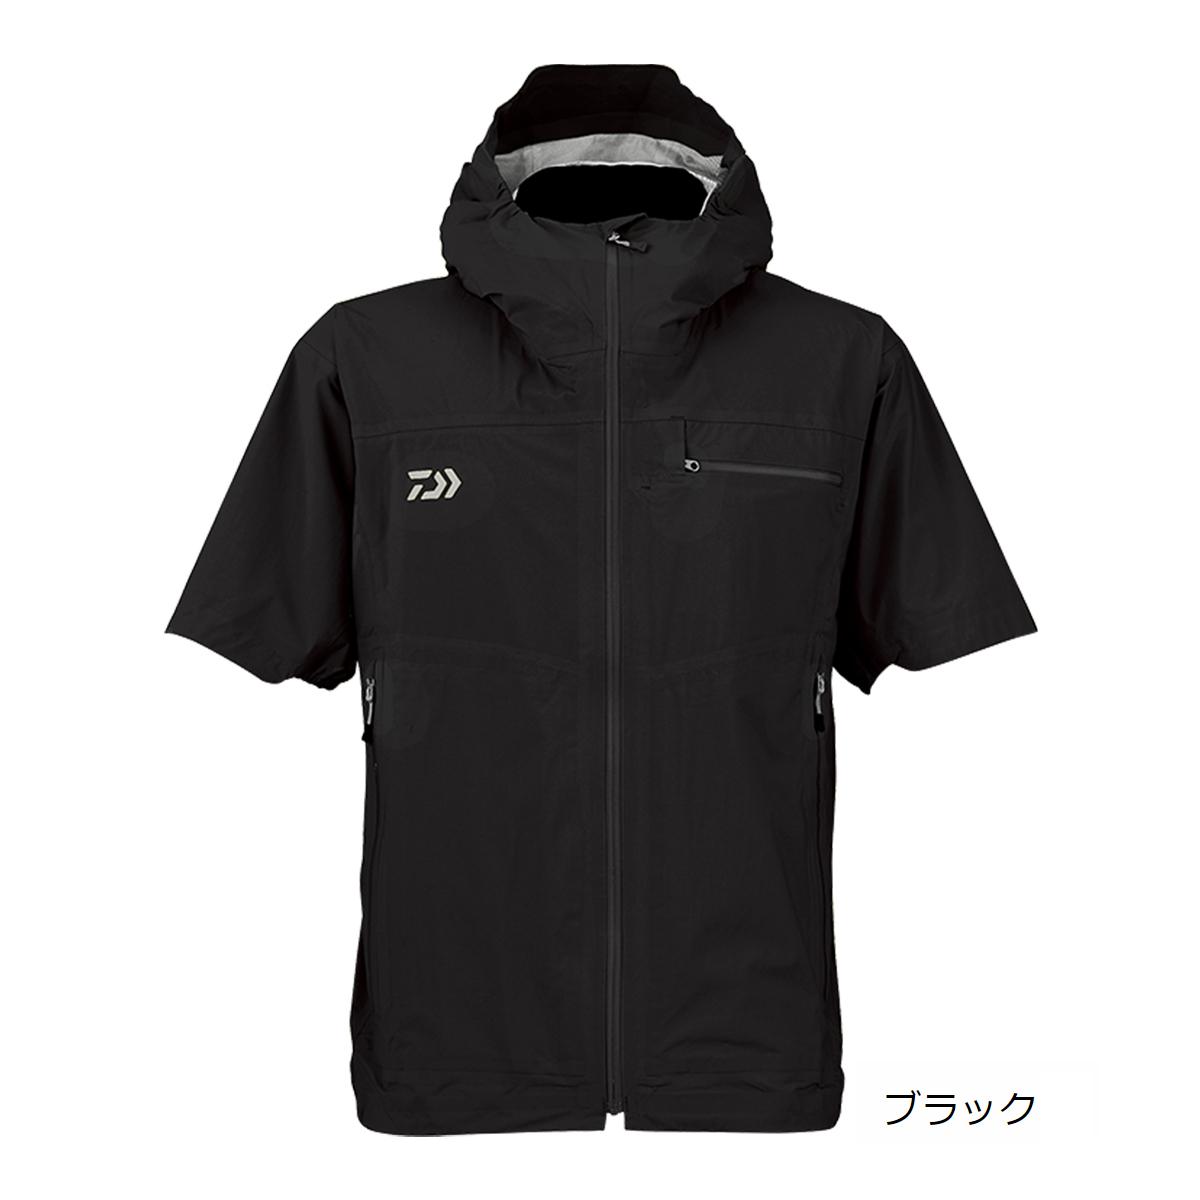 ダイワ レインマックス ポケッタブル ショートスリーブ レインジャケット DR-2308J XL ブラック(東日本店)